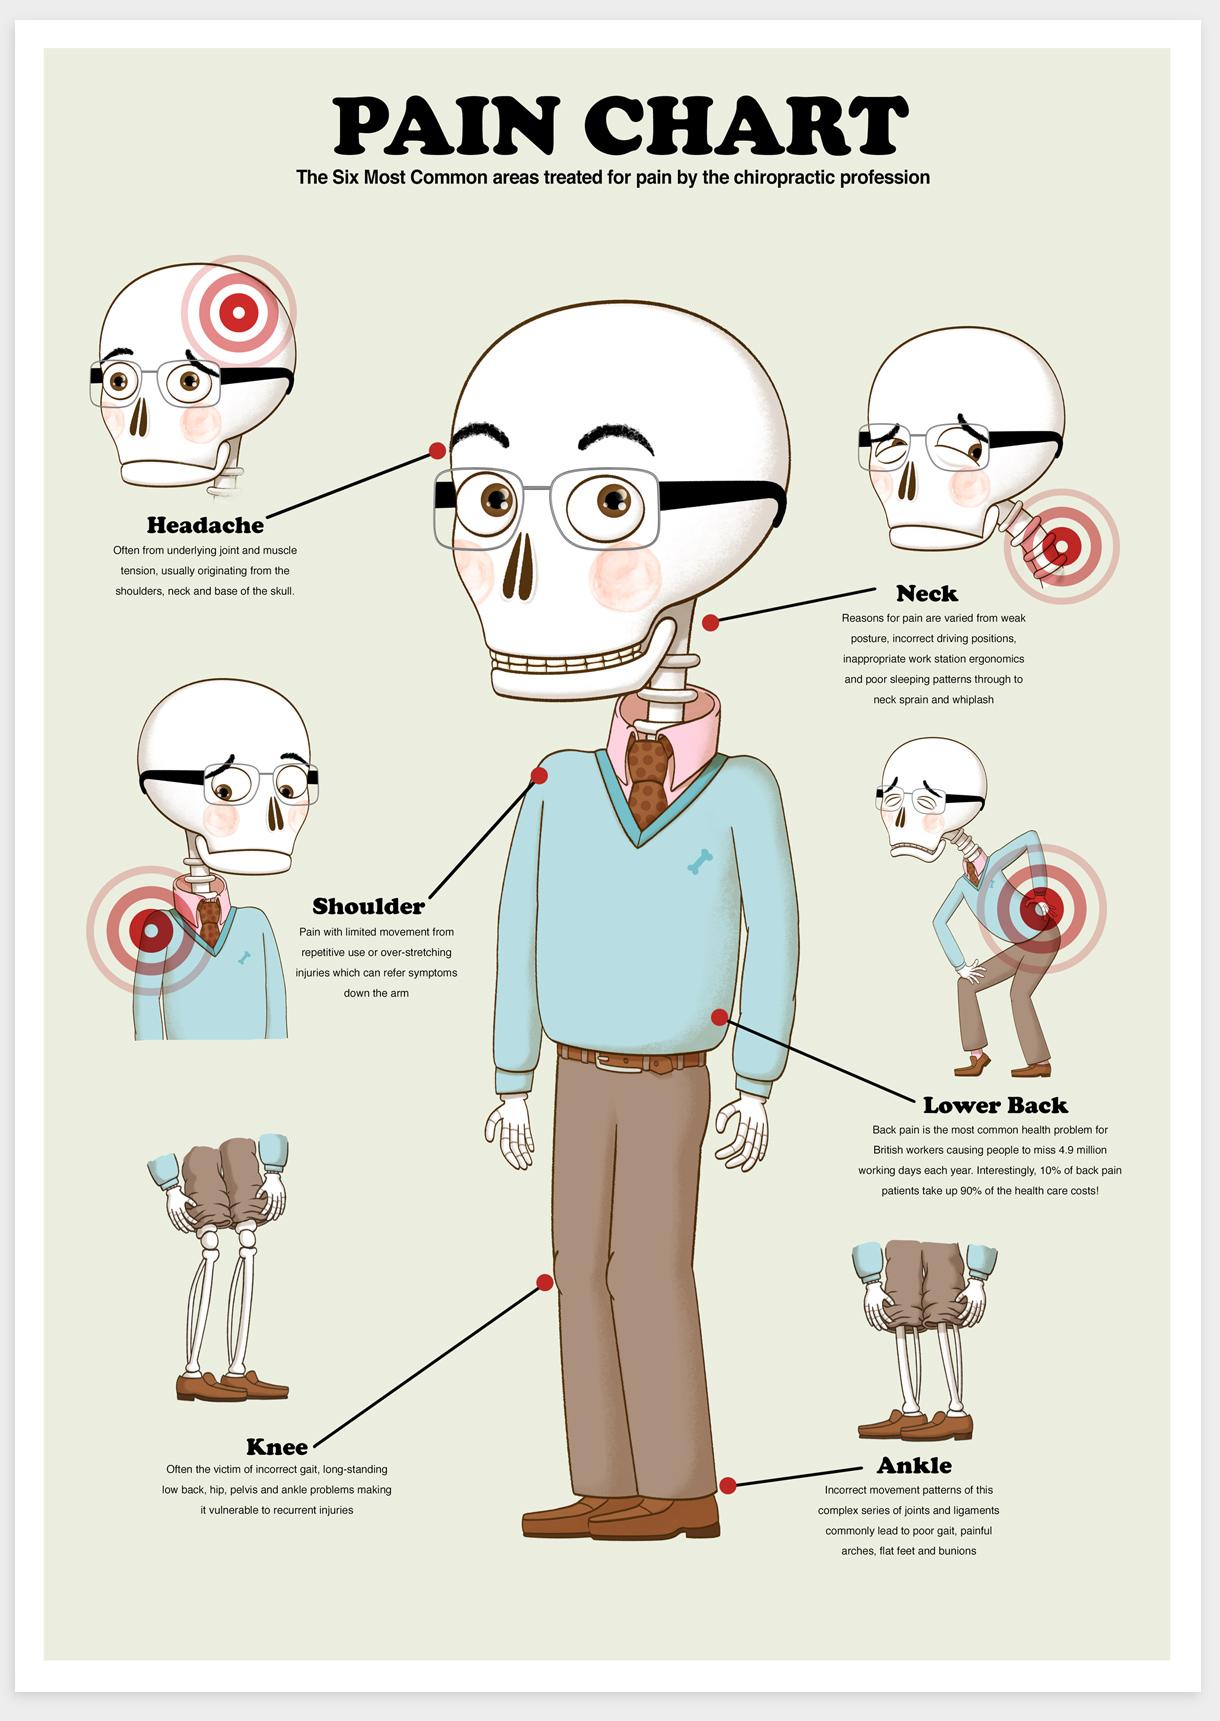 chiropractic  CHART.jpg